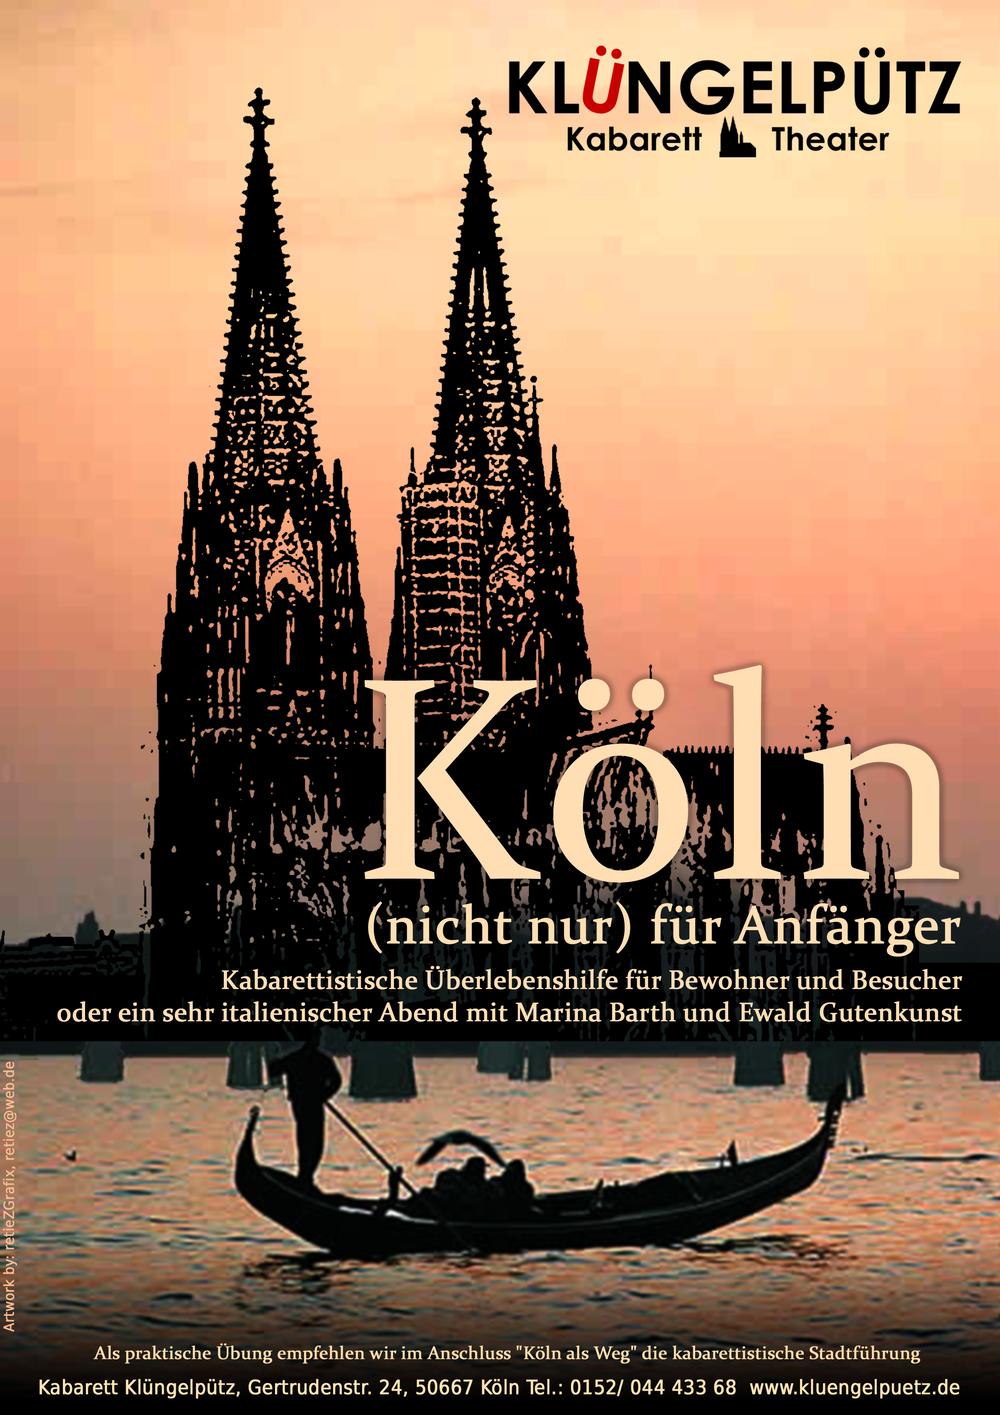 Bild Kabarett Theater Klüngelpütz Köln